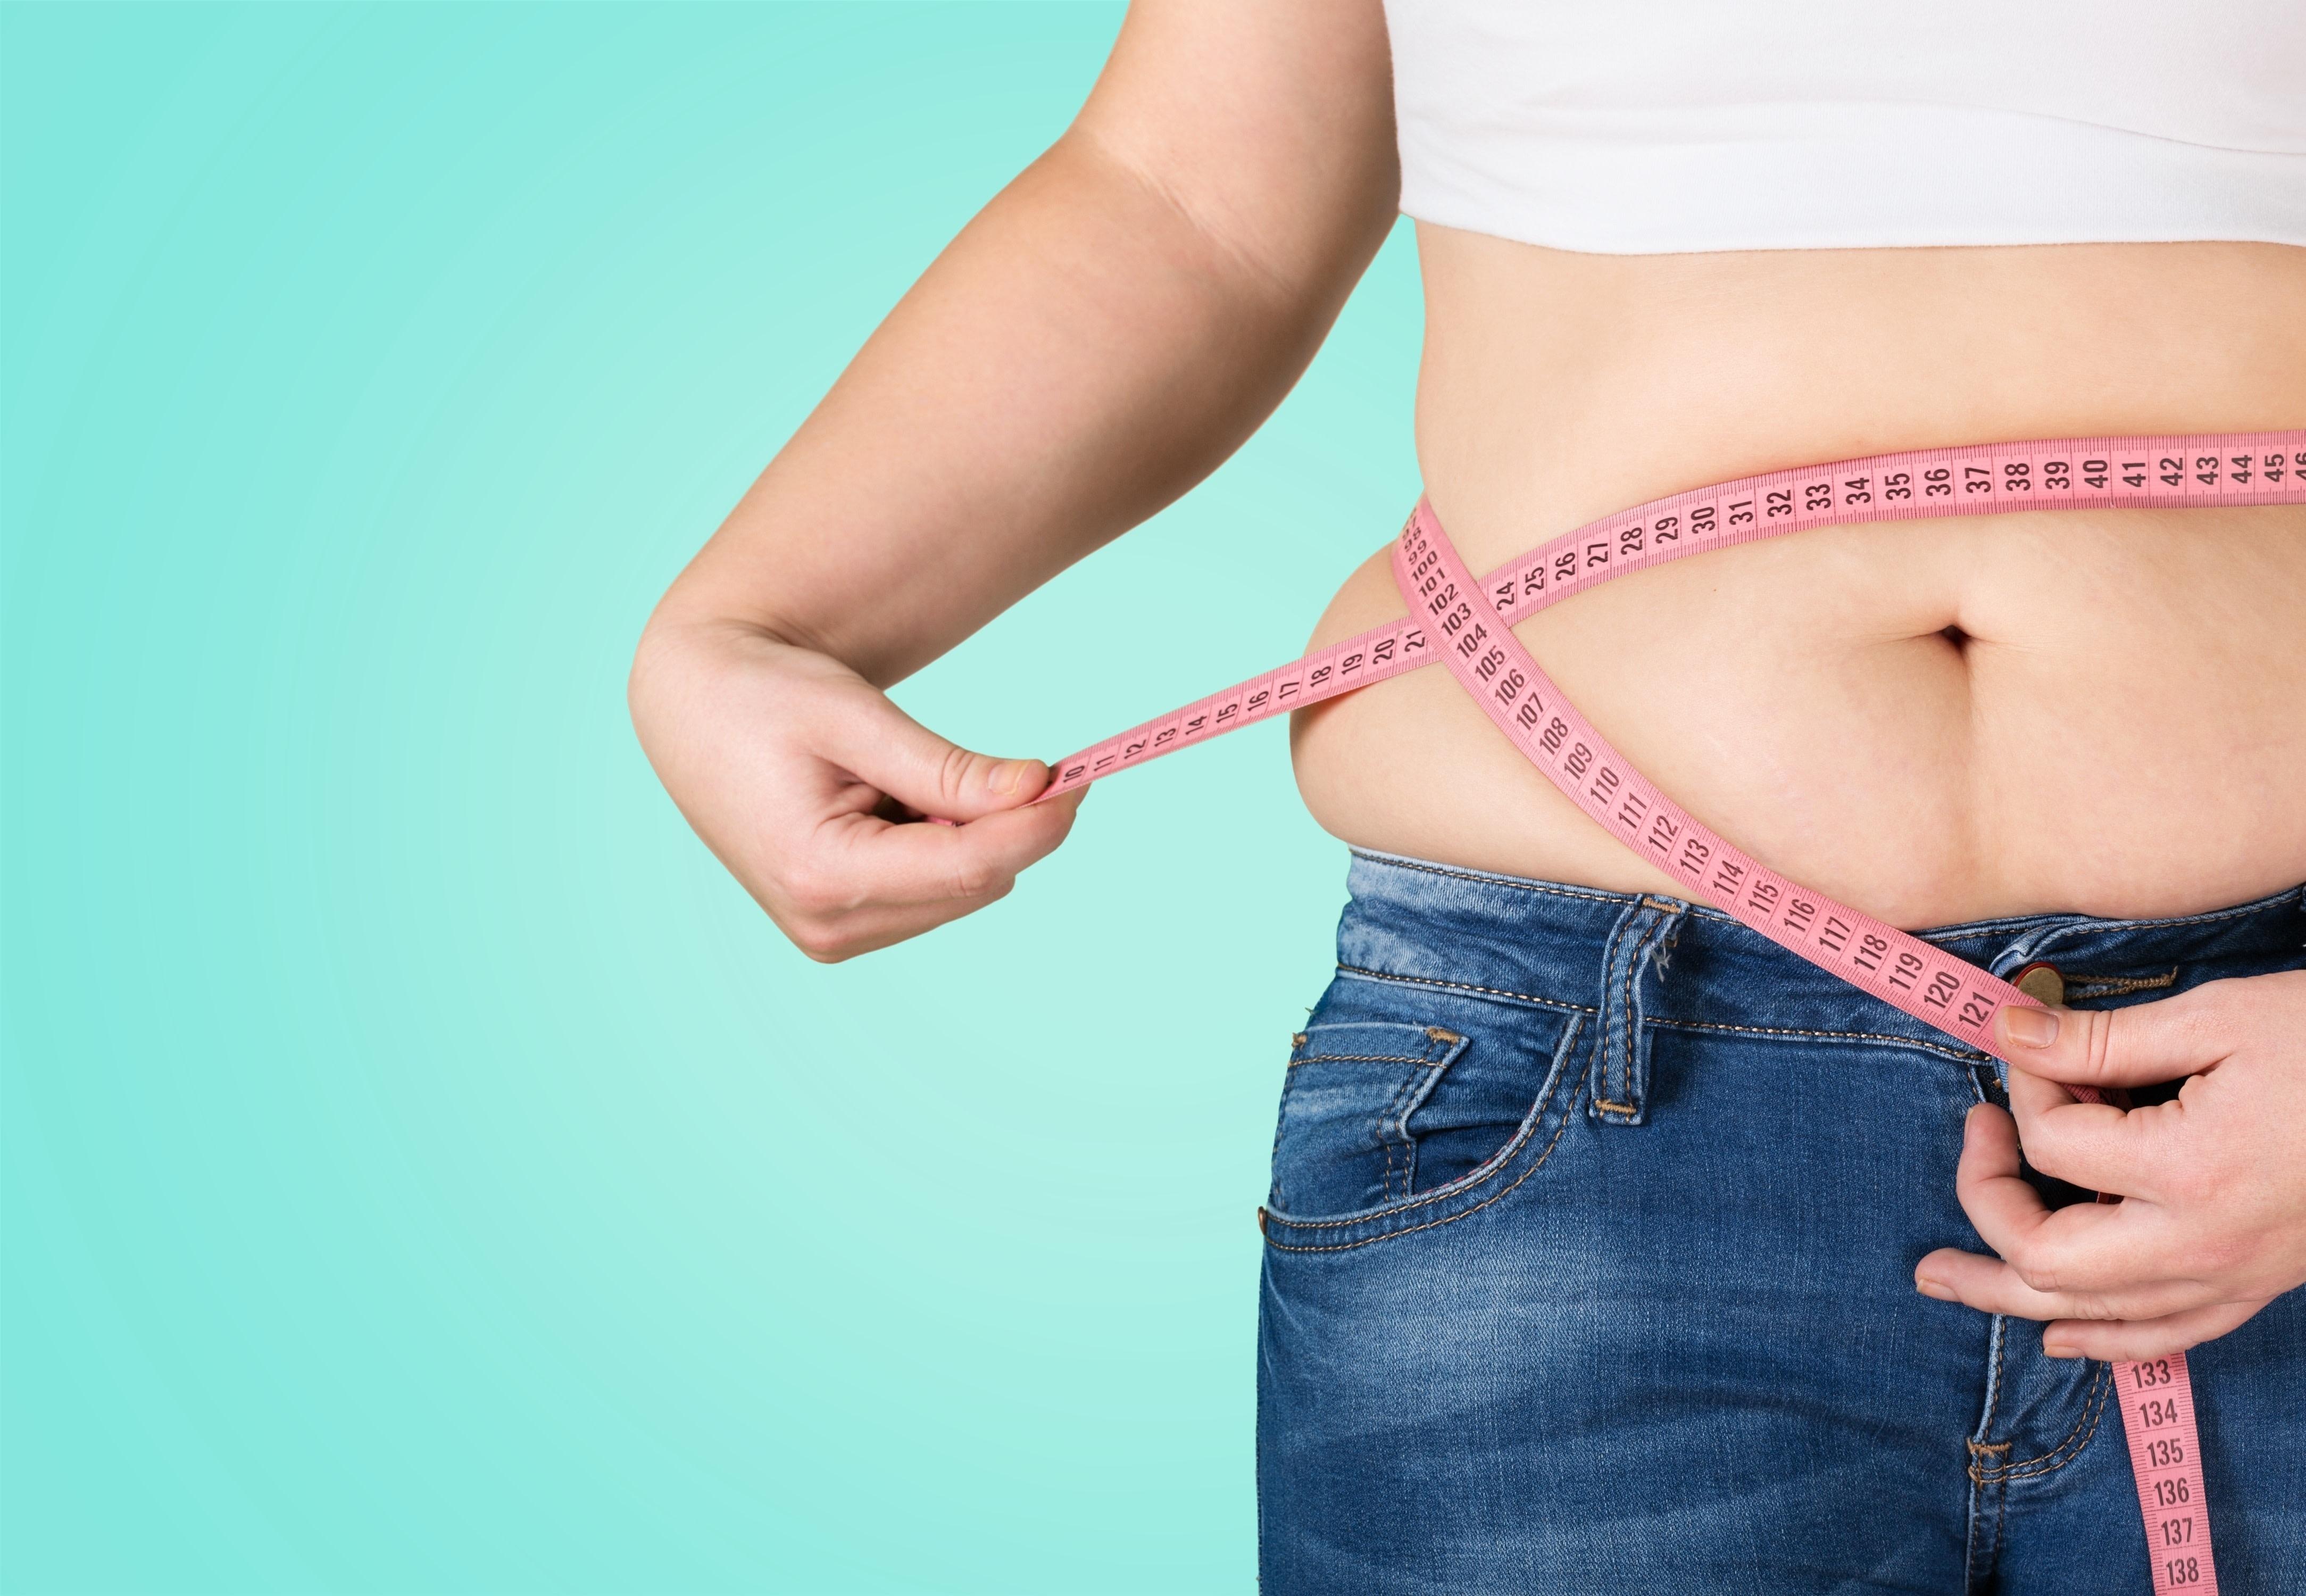 1 Woche nach der bariatrischen Diät